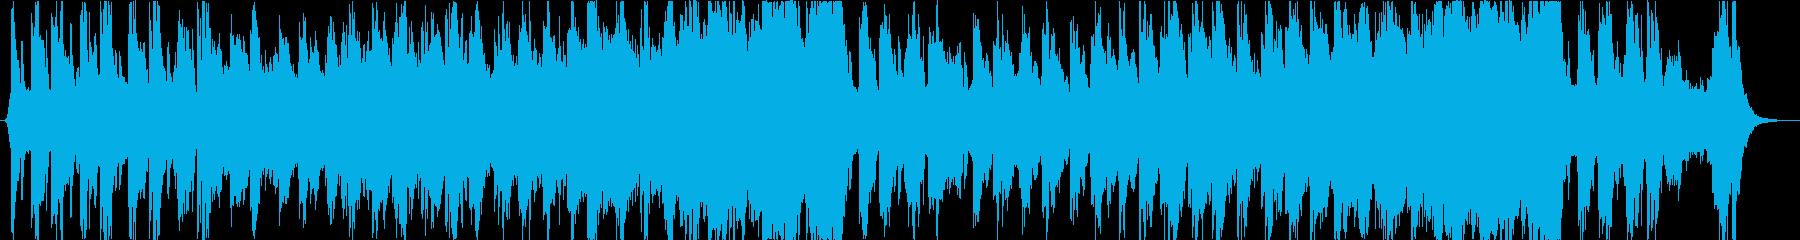 緊張感のあるゲームの戦闘用BGMの再生済みの波形